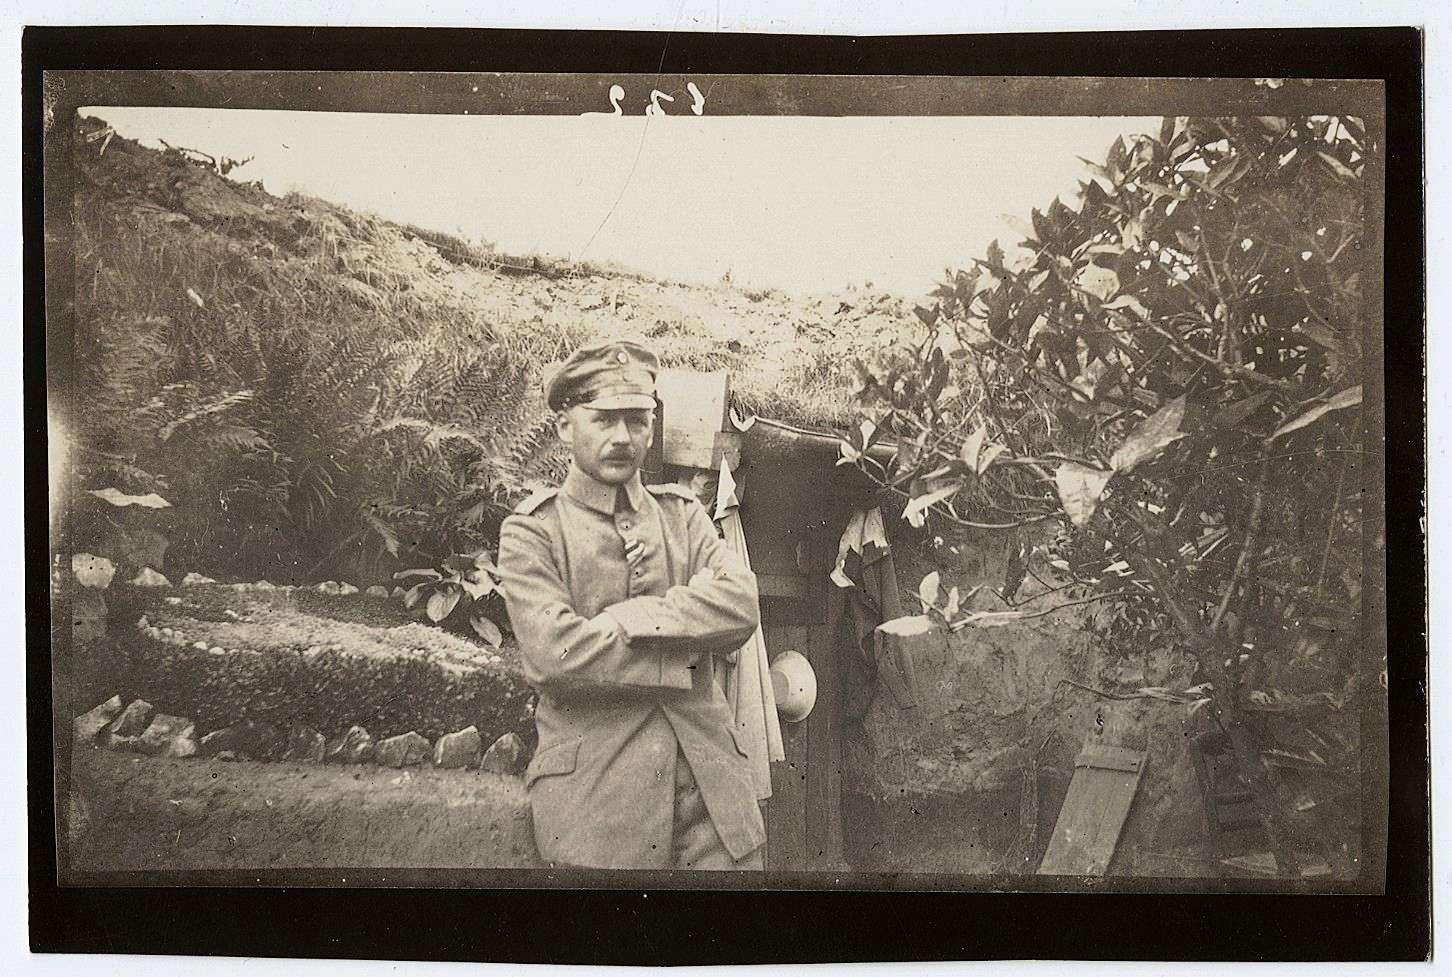 Hudelmaier, Eduard, Bild 1